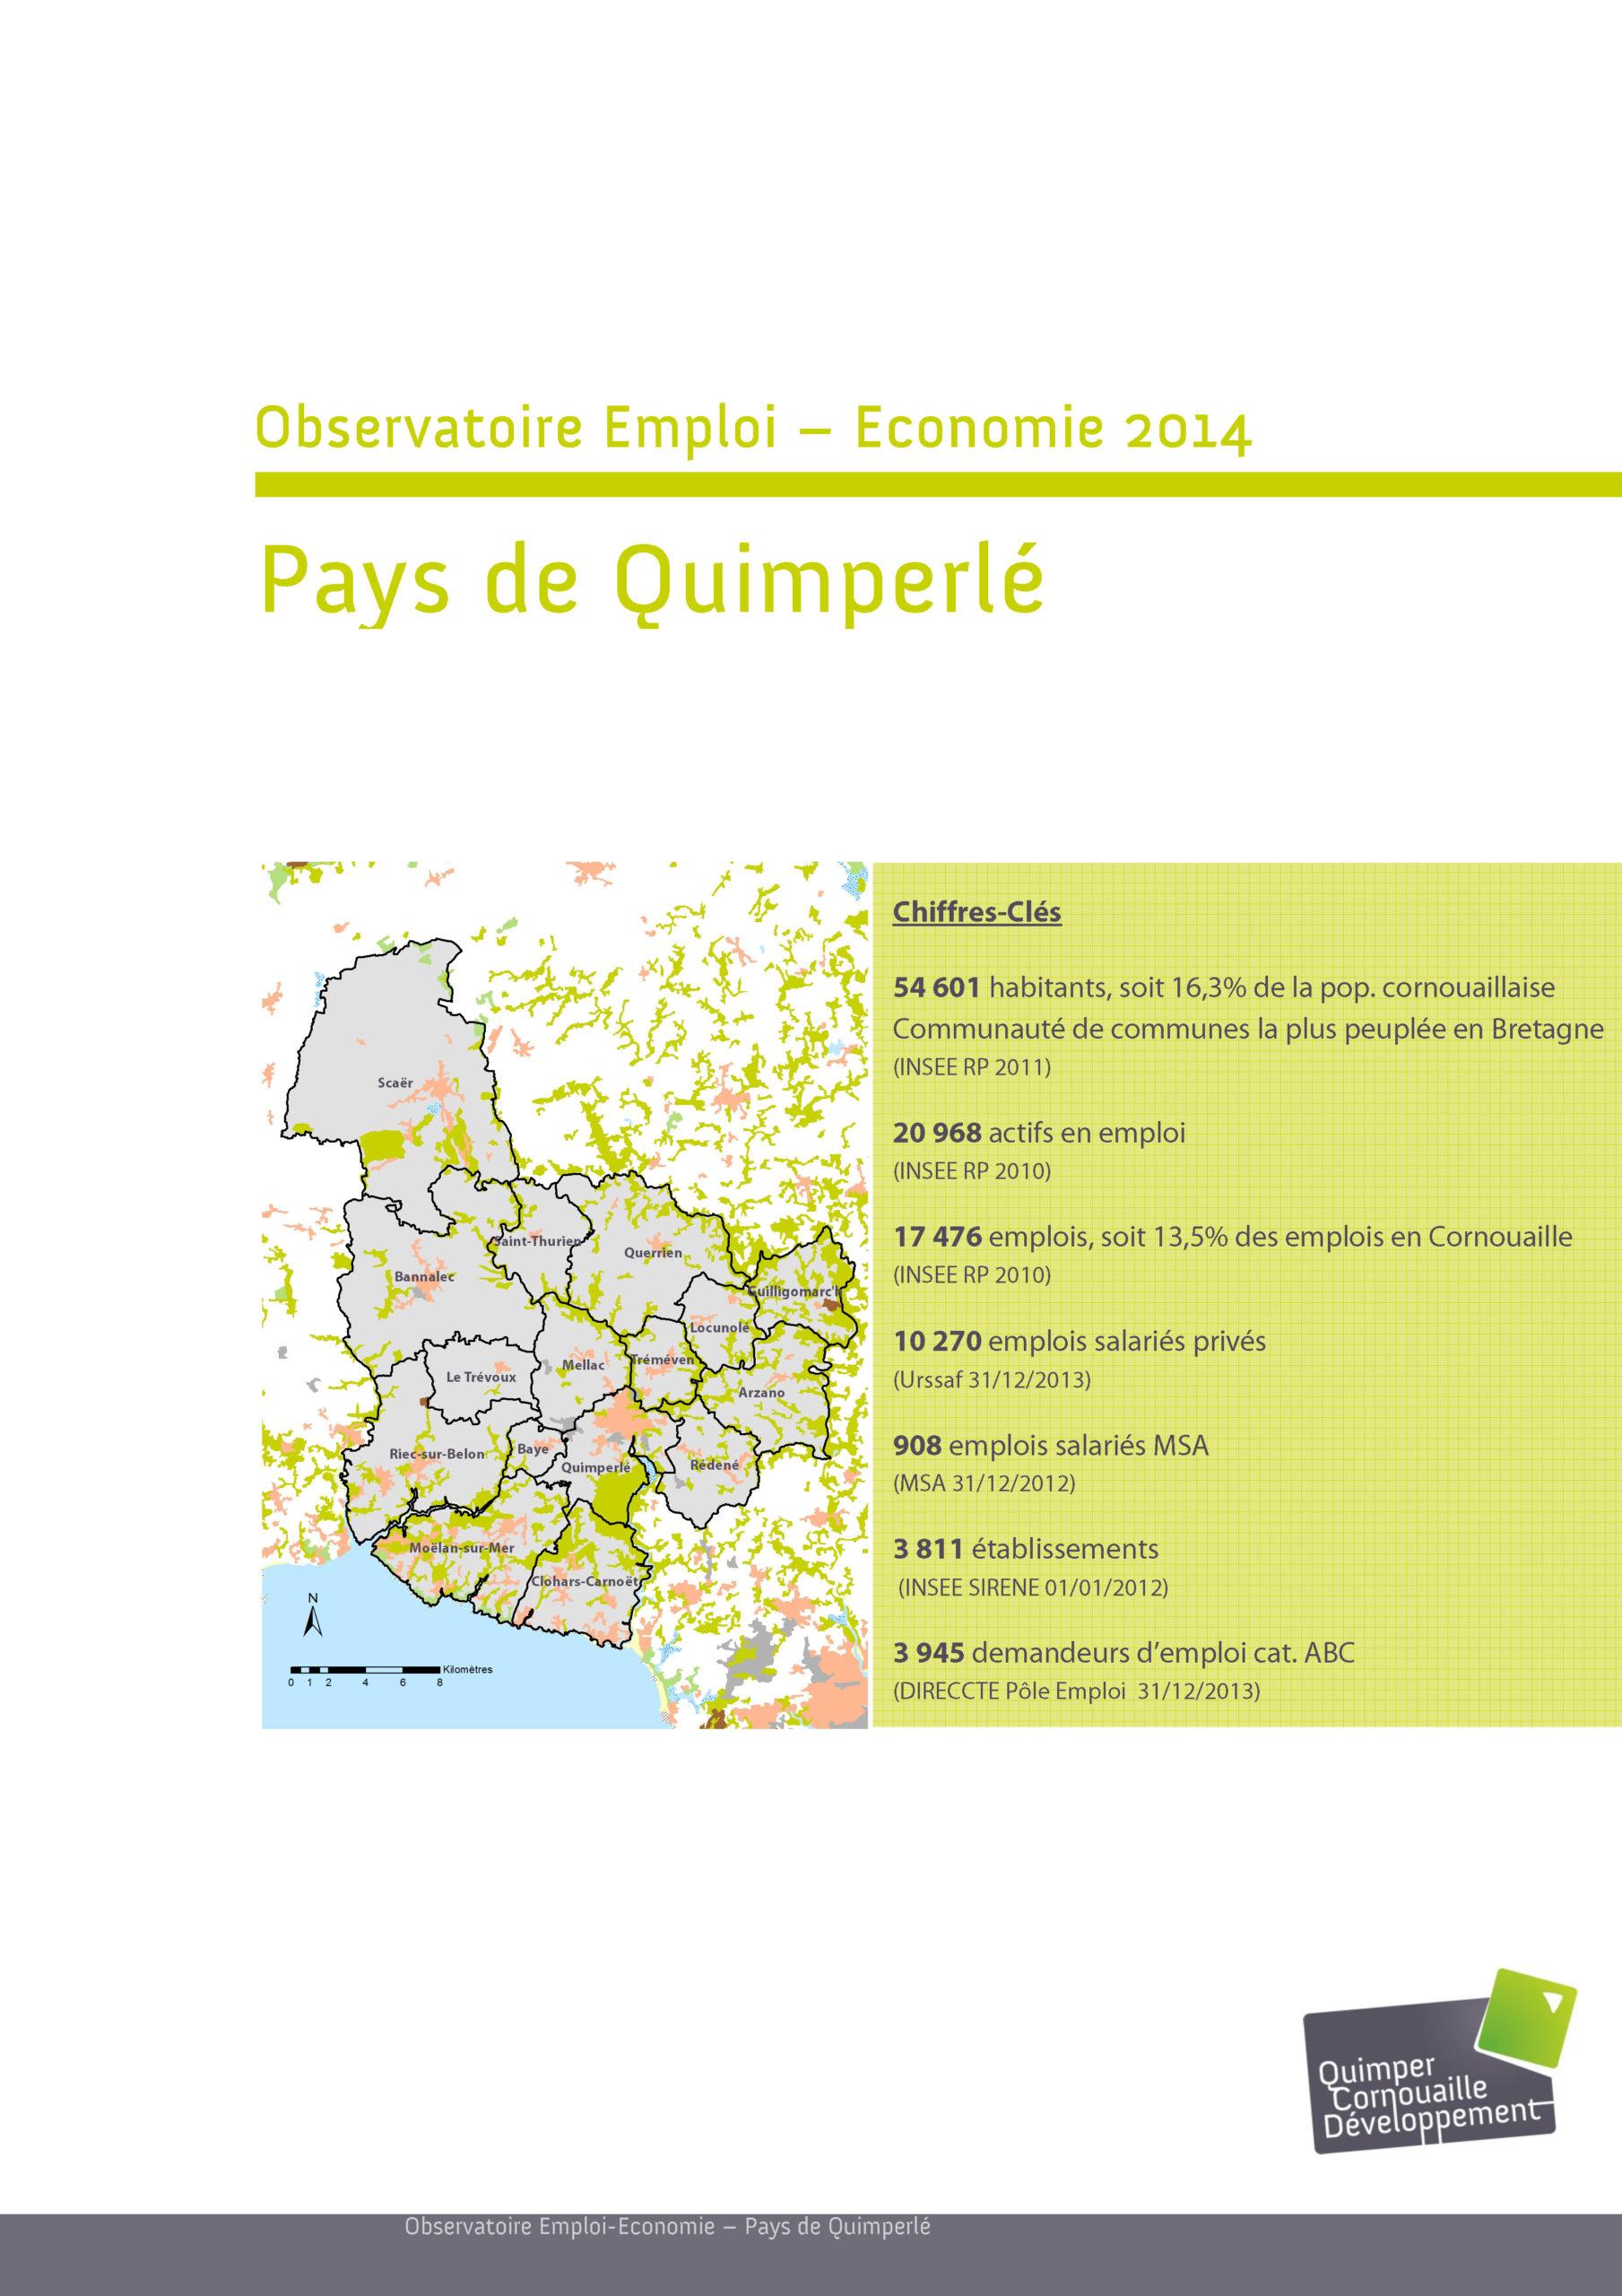 Observatoire Emploi-Economie. Pays de Quimperlé 2014 (Quimper Cornouaille Développement)